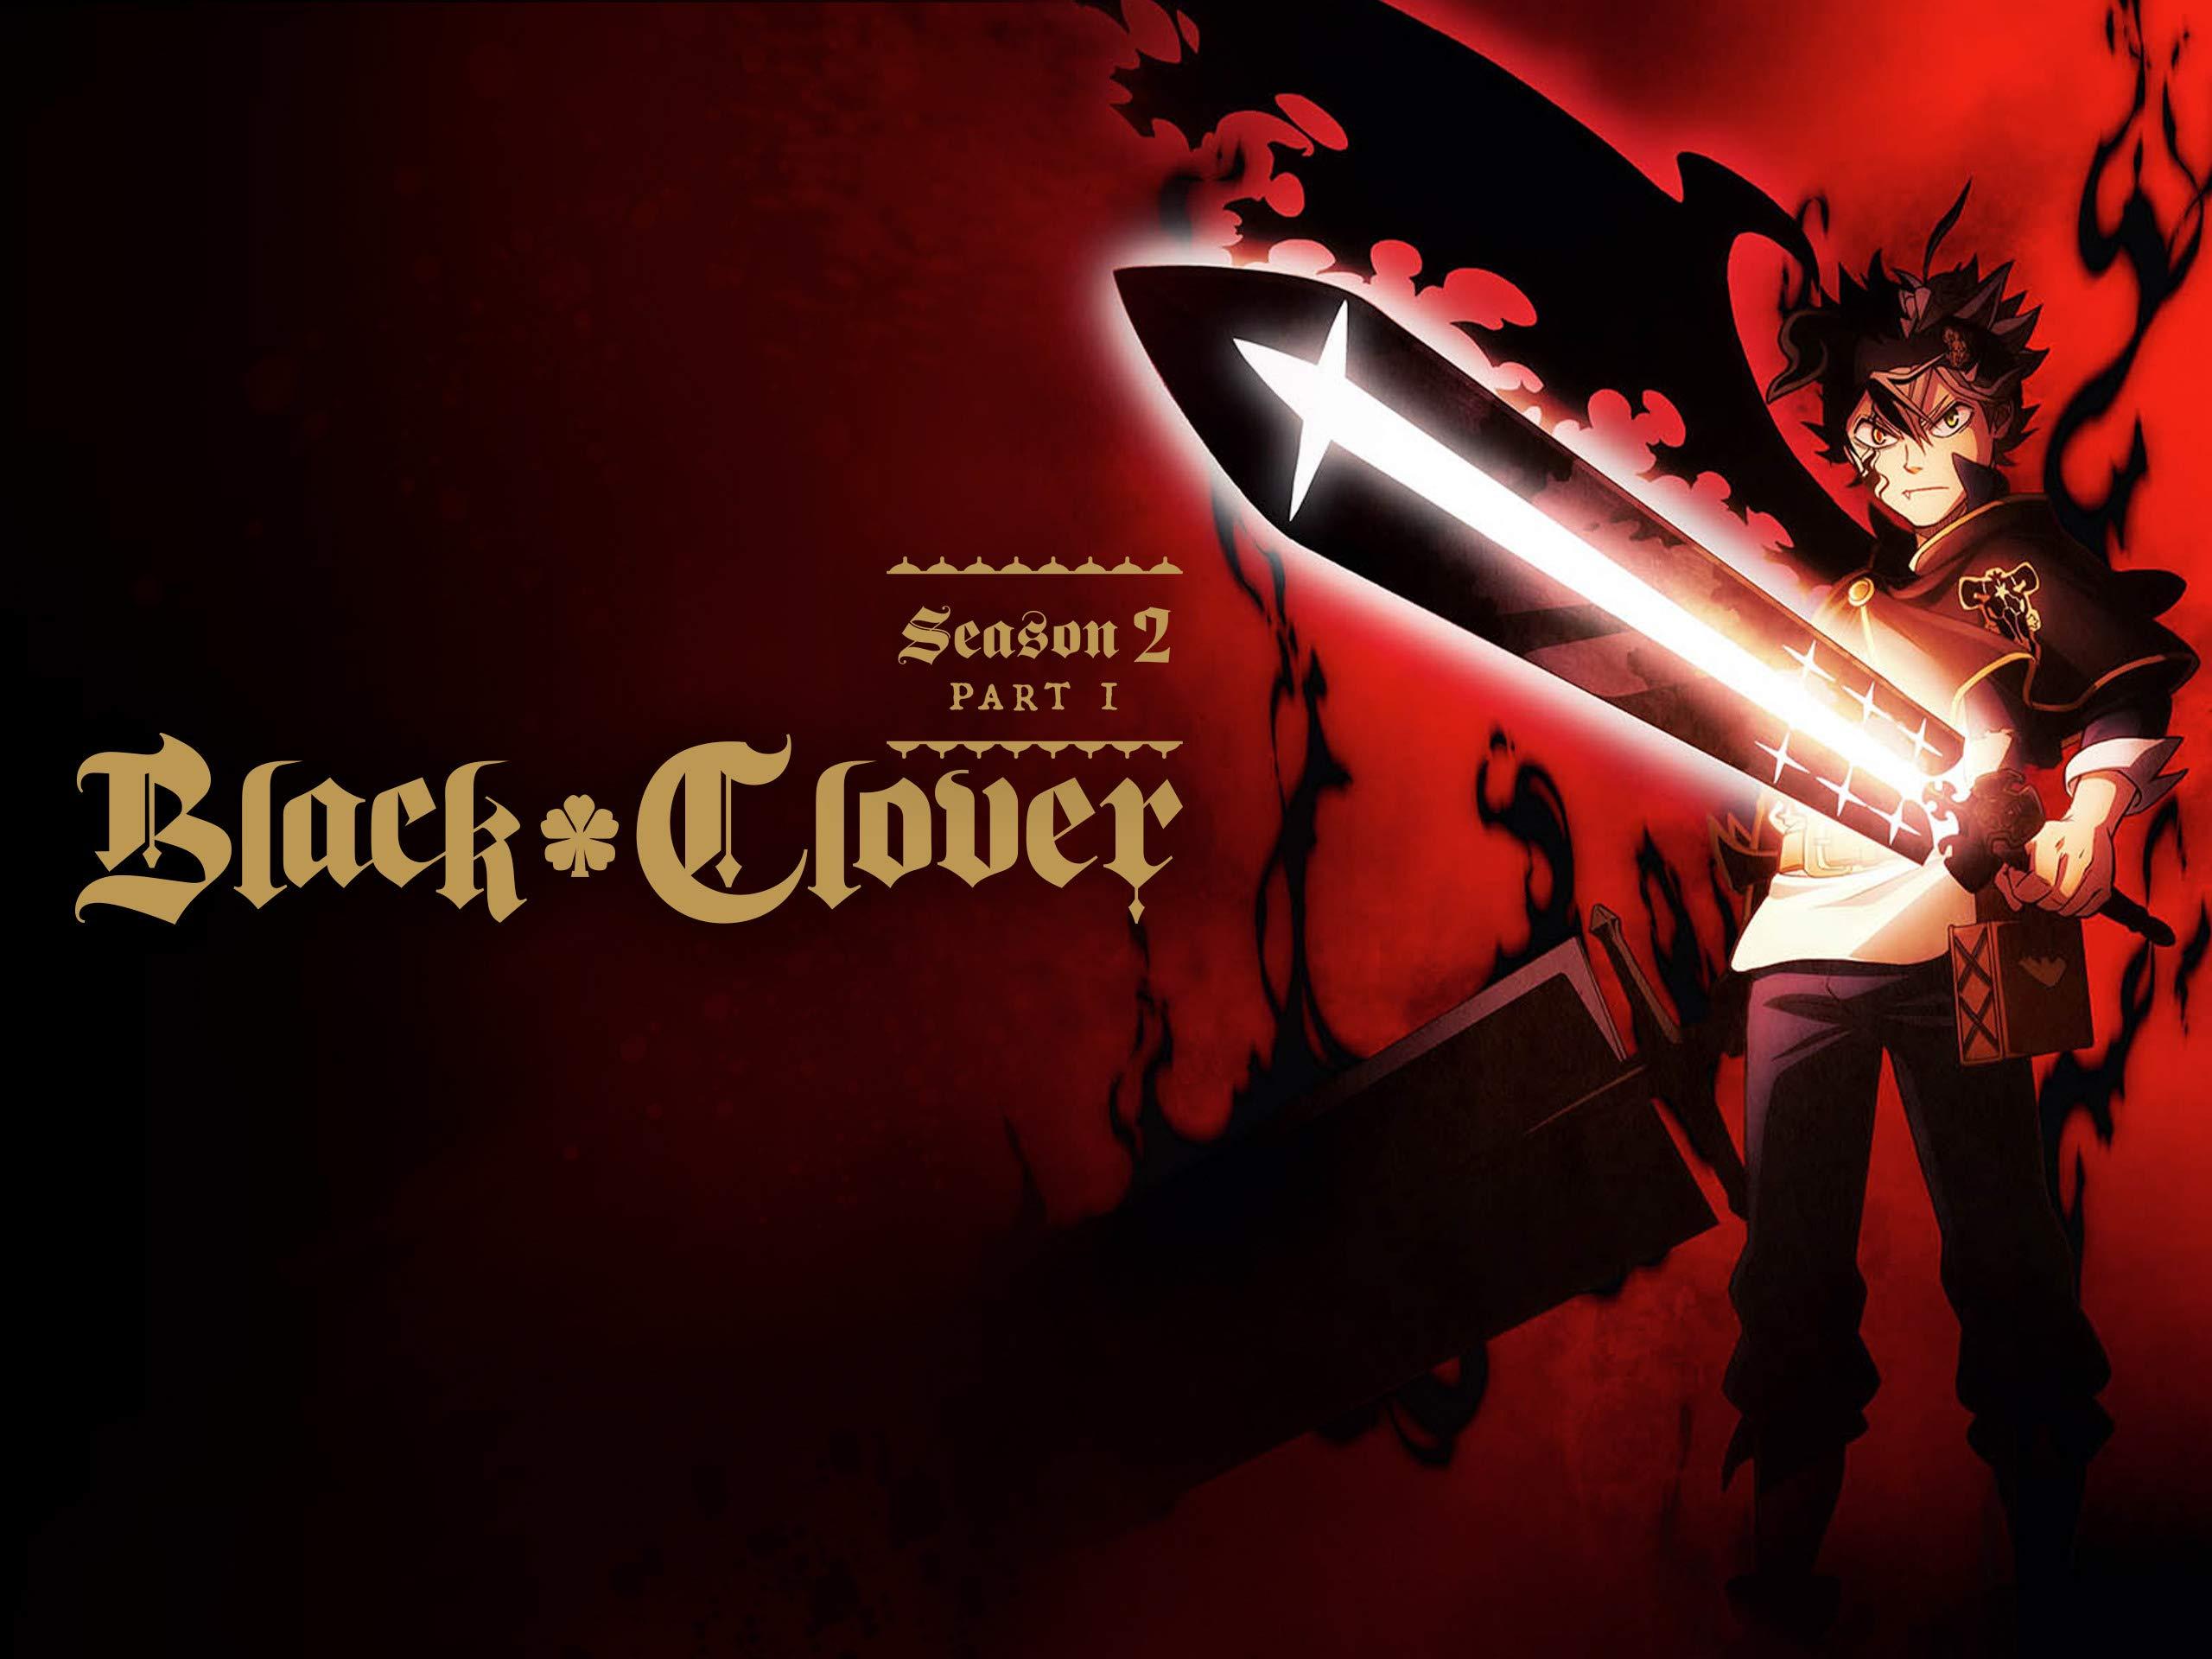 Asta Demon Black Clover 4k Wallpaper - Anime Wallpapers